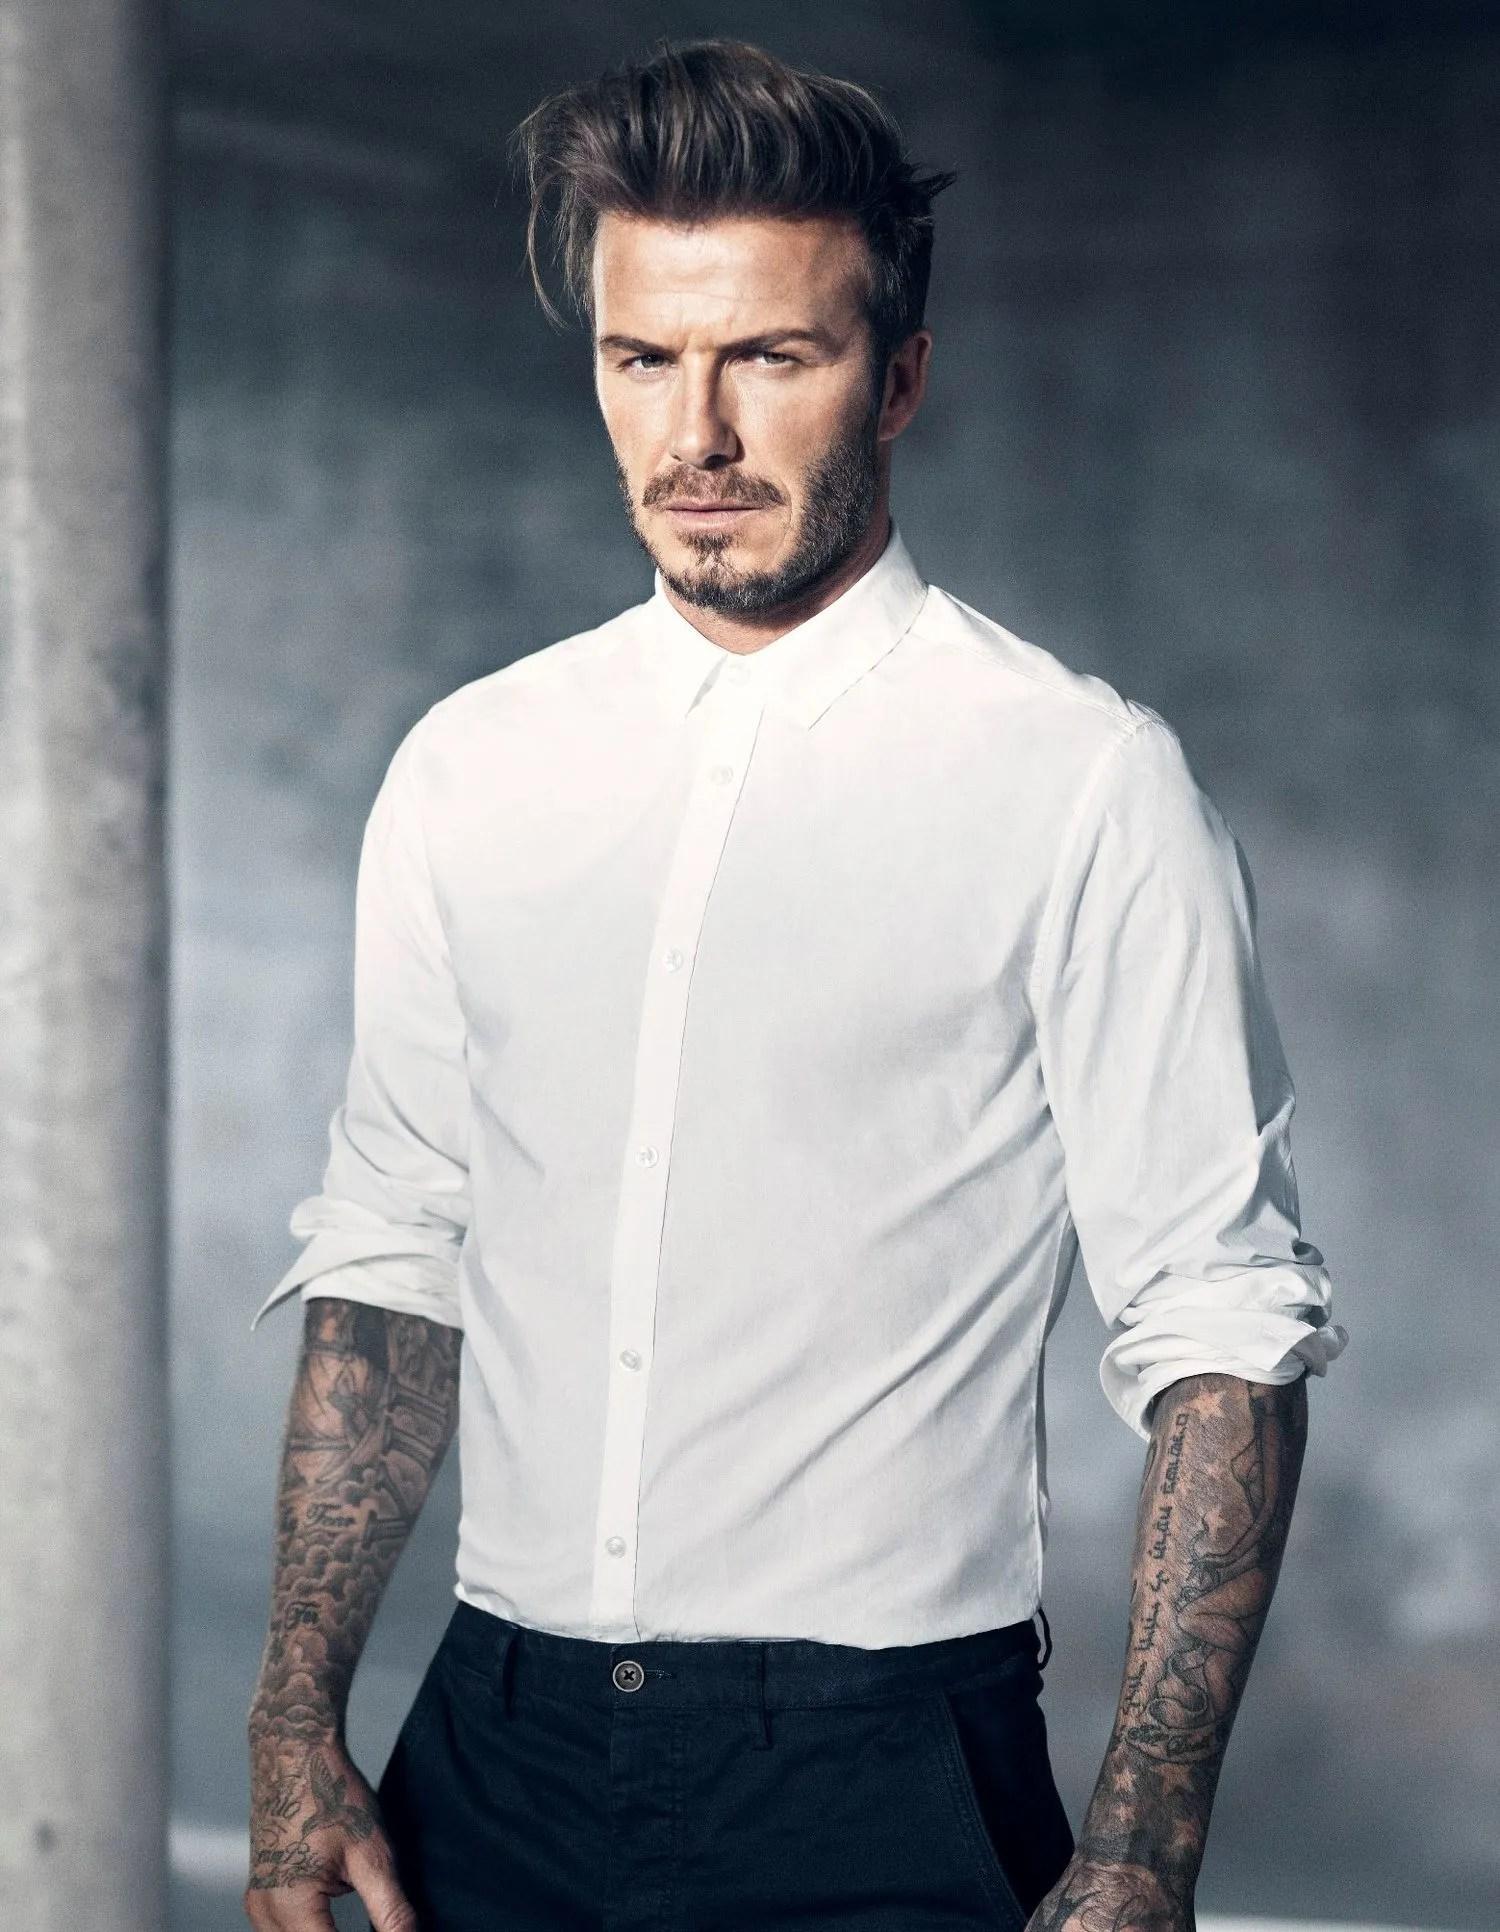 H&M and David Beckham Collaboration News: Modern ...